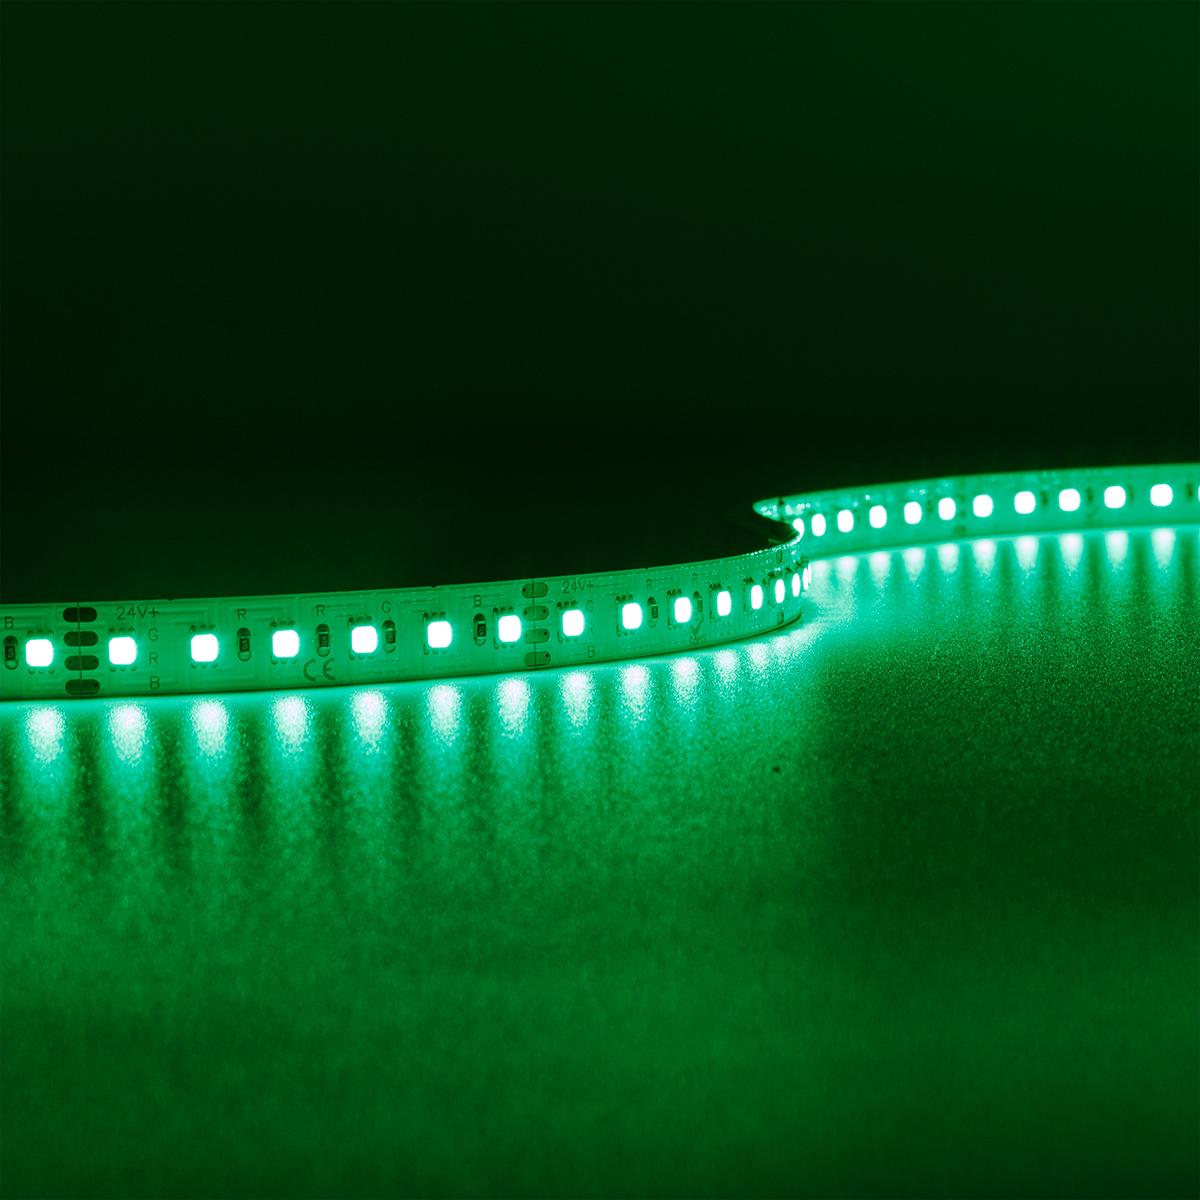 HighLumen RGB 24V LED Streifen 5M 18W/m 120LED/m 10mm IP20 Farbwechsel